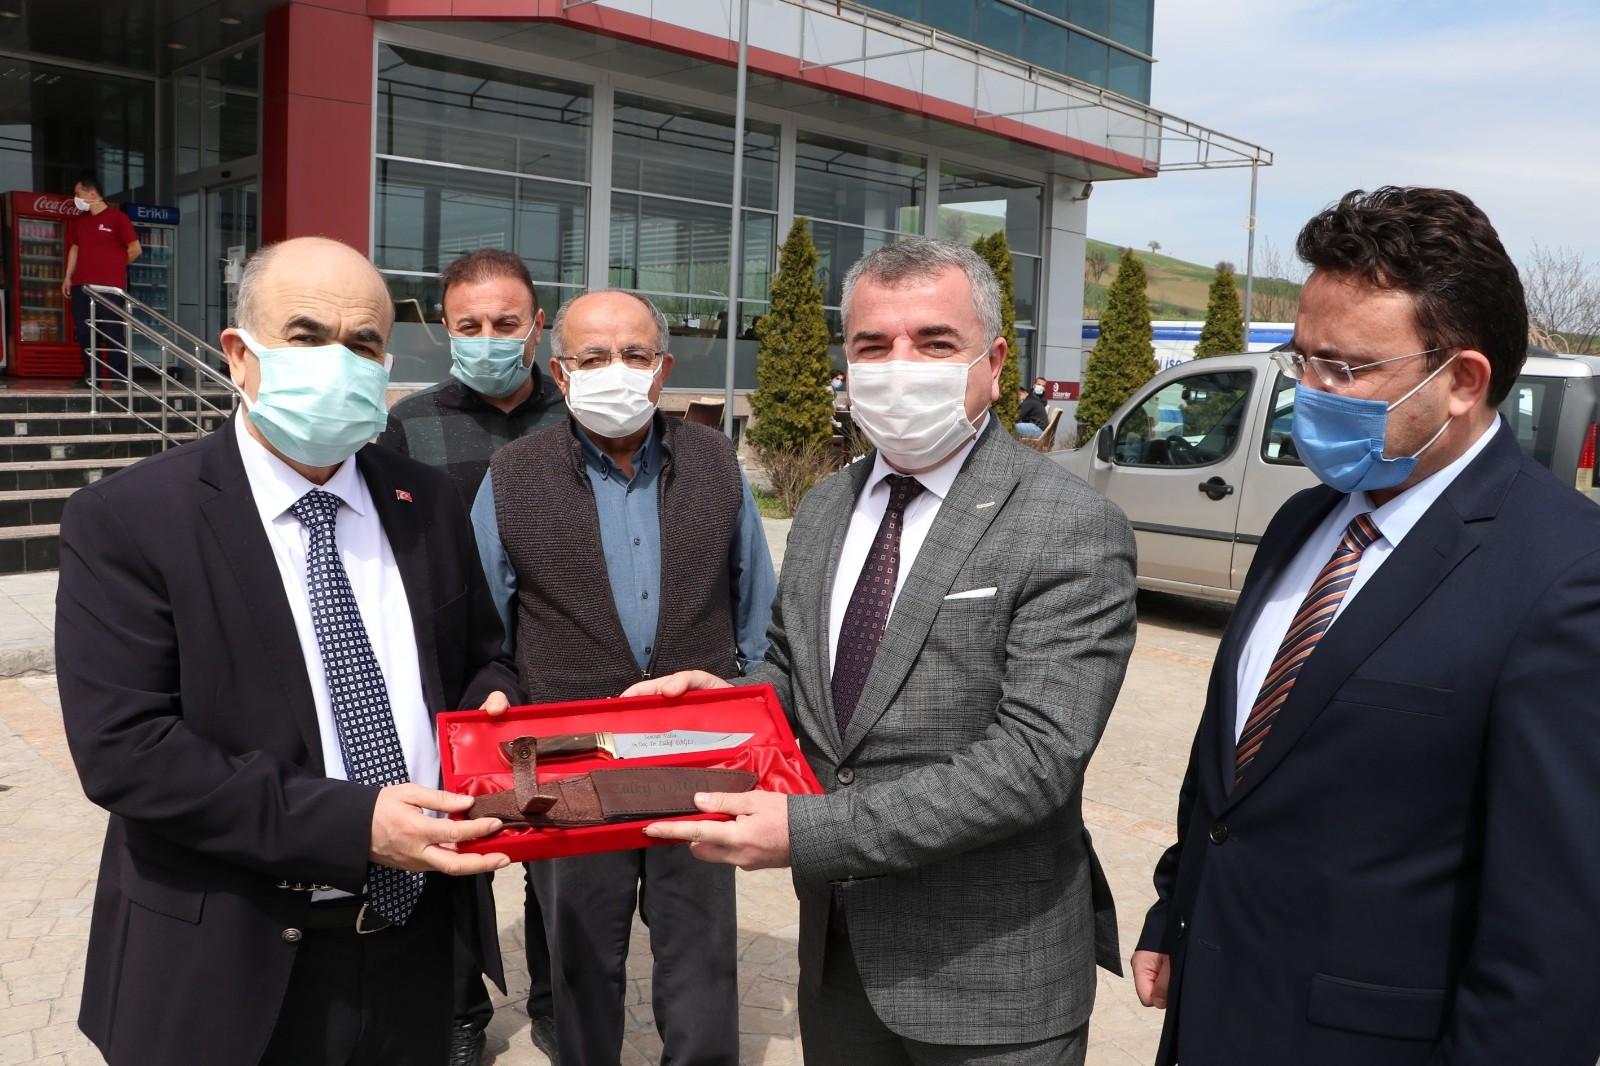 Samsun Valisi, aşı sırası gelenlerin gecikmeden yaptırmaları gerektiğini vurguladı